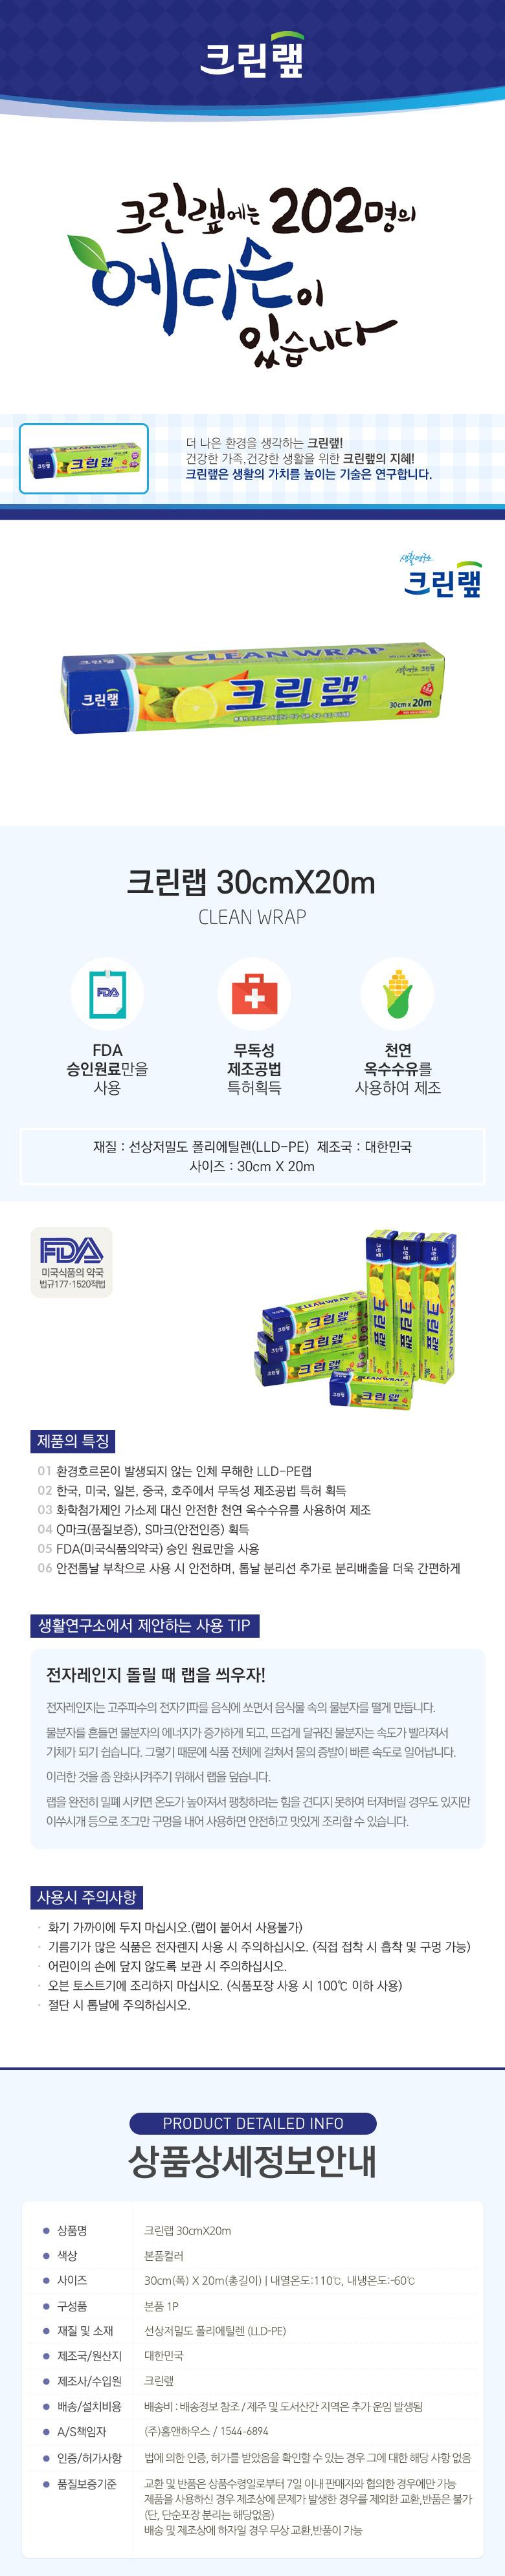 크린랩 30cmX20m - 홈앤하우스, 2,700원, 음식보관, 랩